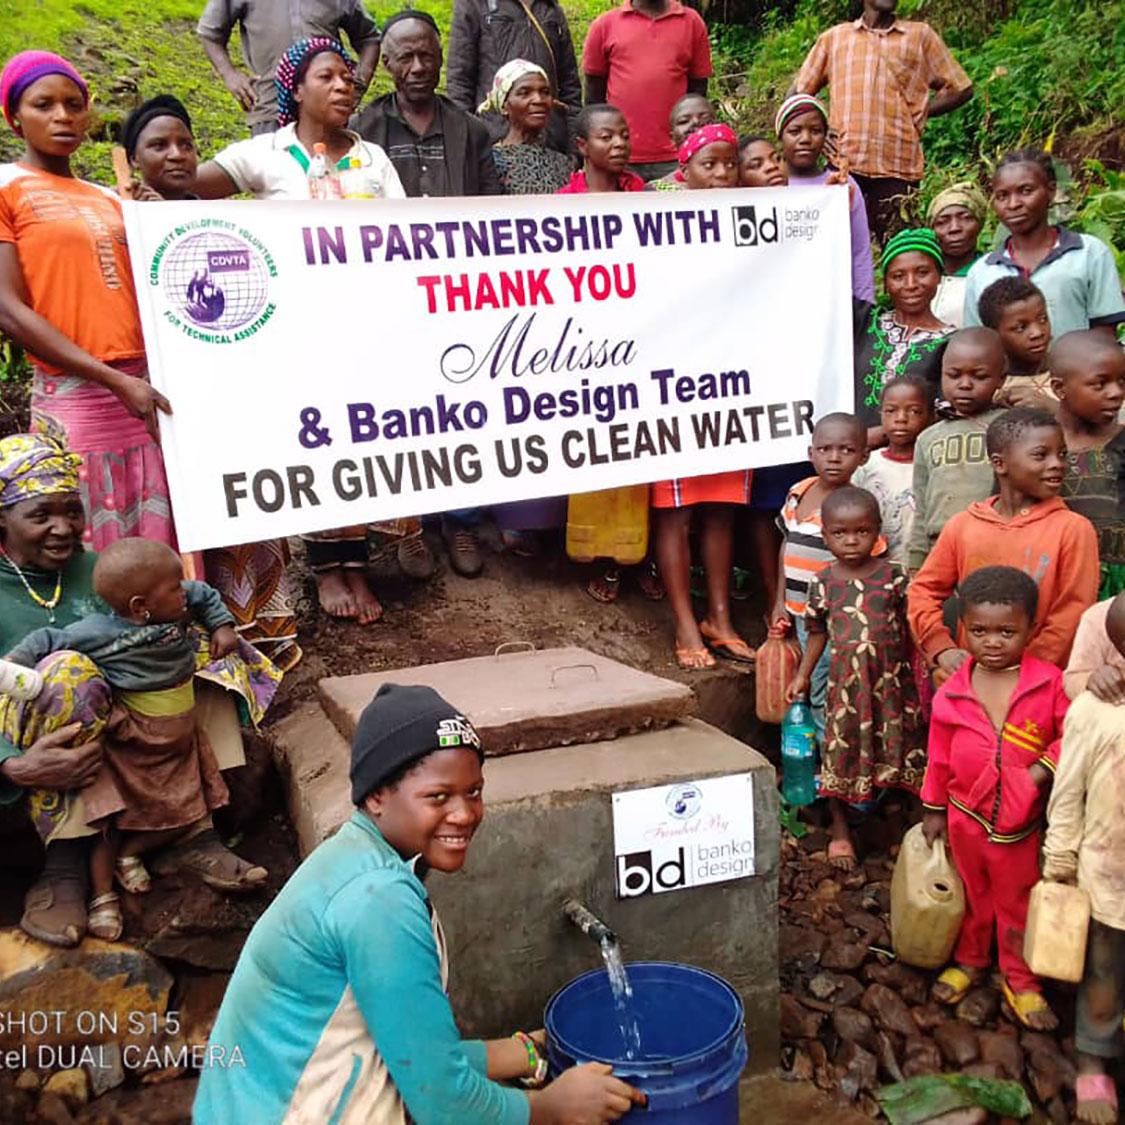 cdvta-banko-water-project-chantal